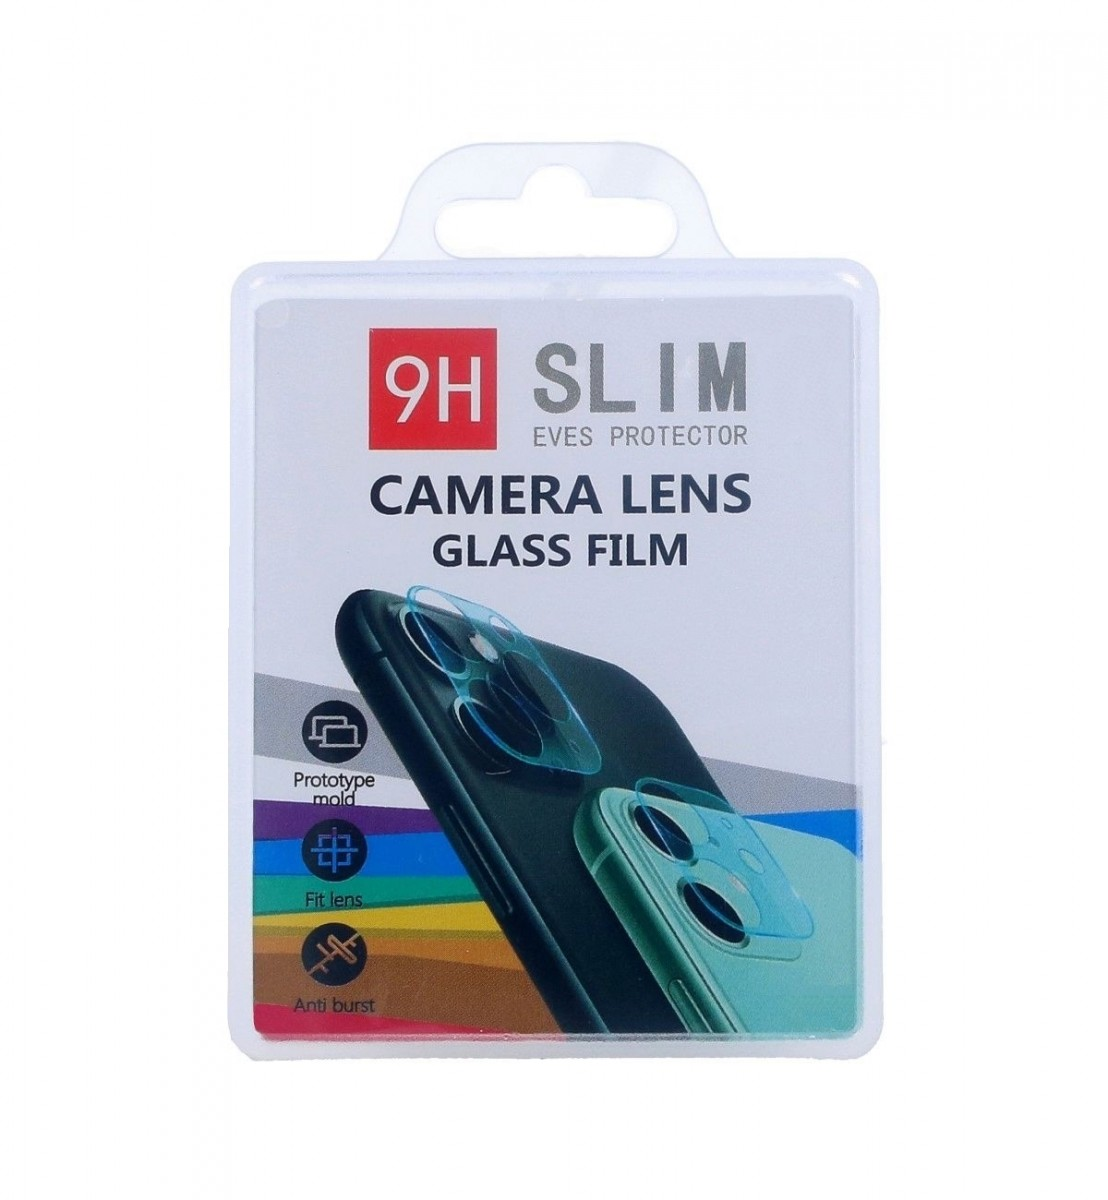 Tvrzené sklo TopQ na zadní fotoaparát Xiaomi Redmi 9 53743 (ochranné sklo na zadní čočku fotoaparátu Xiaomi Redmi 9)